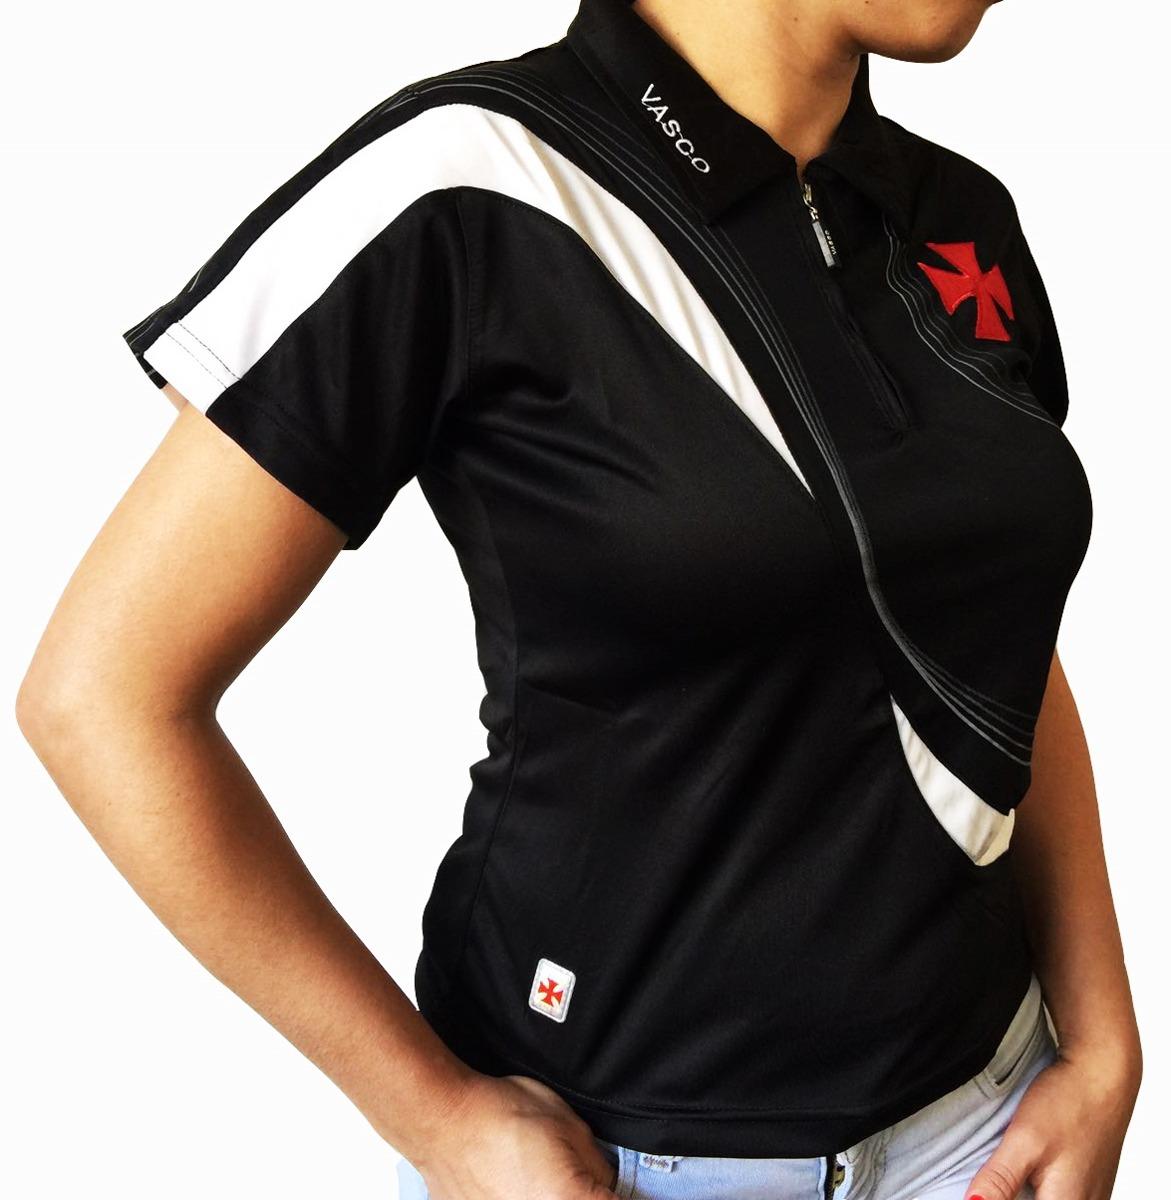 1280fdd69 Camisa Polo Do Vasco Feminina Baby Look Oficial - R$ 46,99 em ...